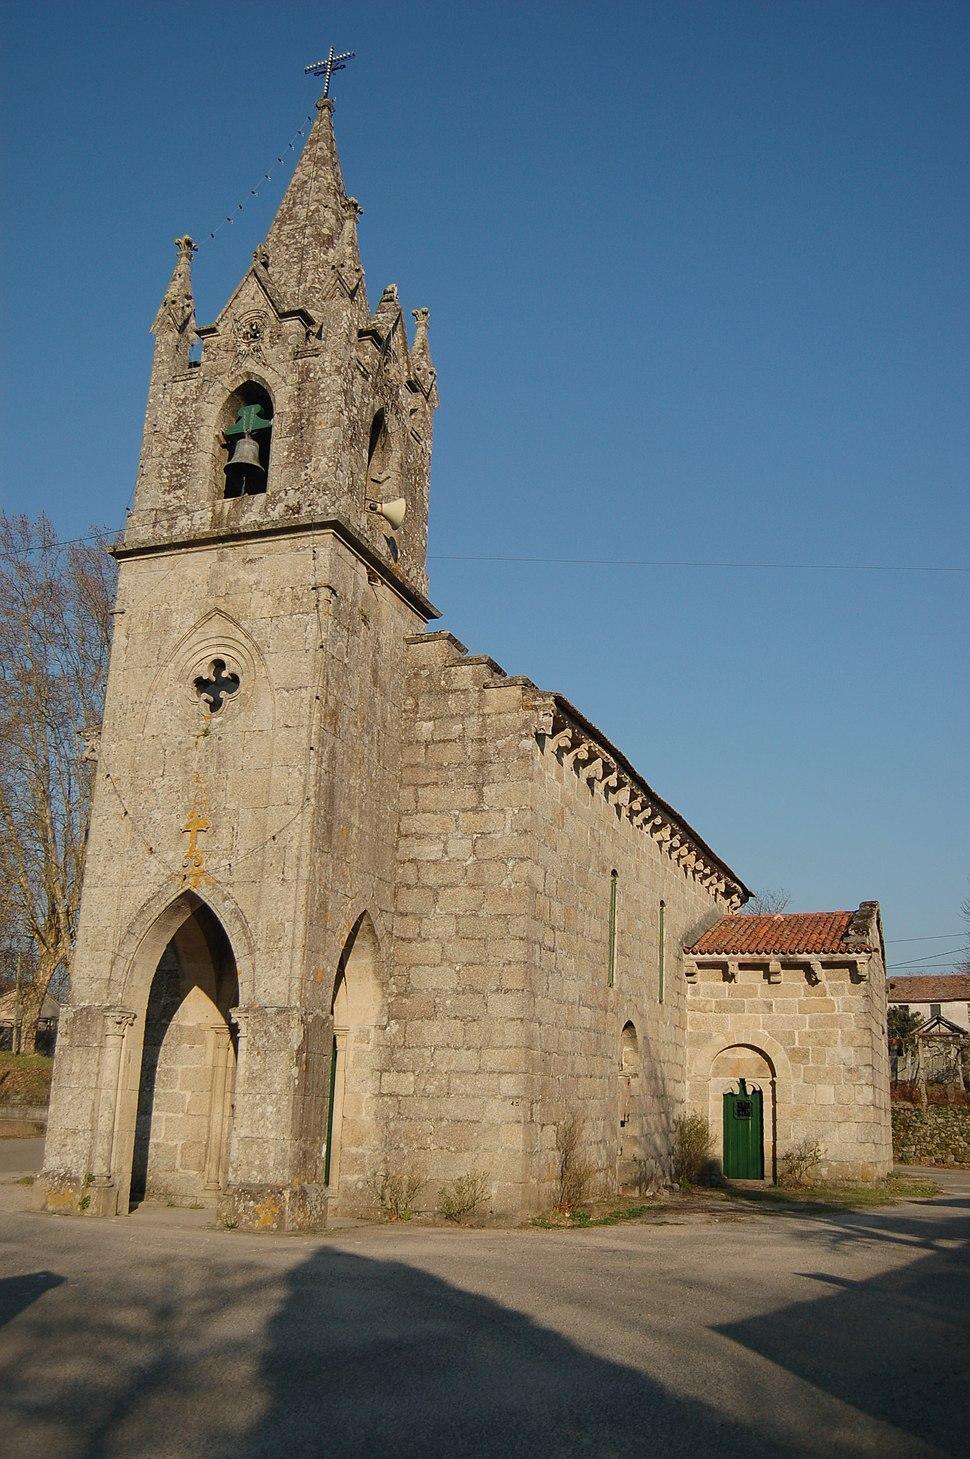 Torre da fachada da románica da igrexa de San Pedro de Angoares, Ponteareas.[Cómpre referencia]